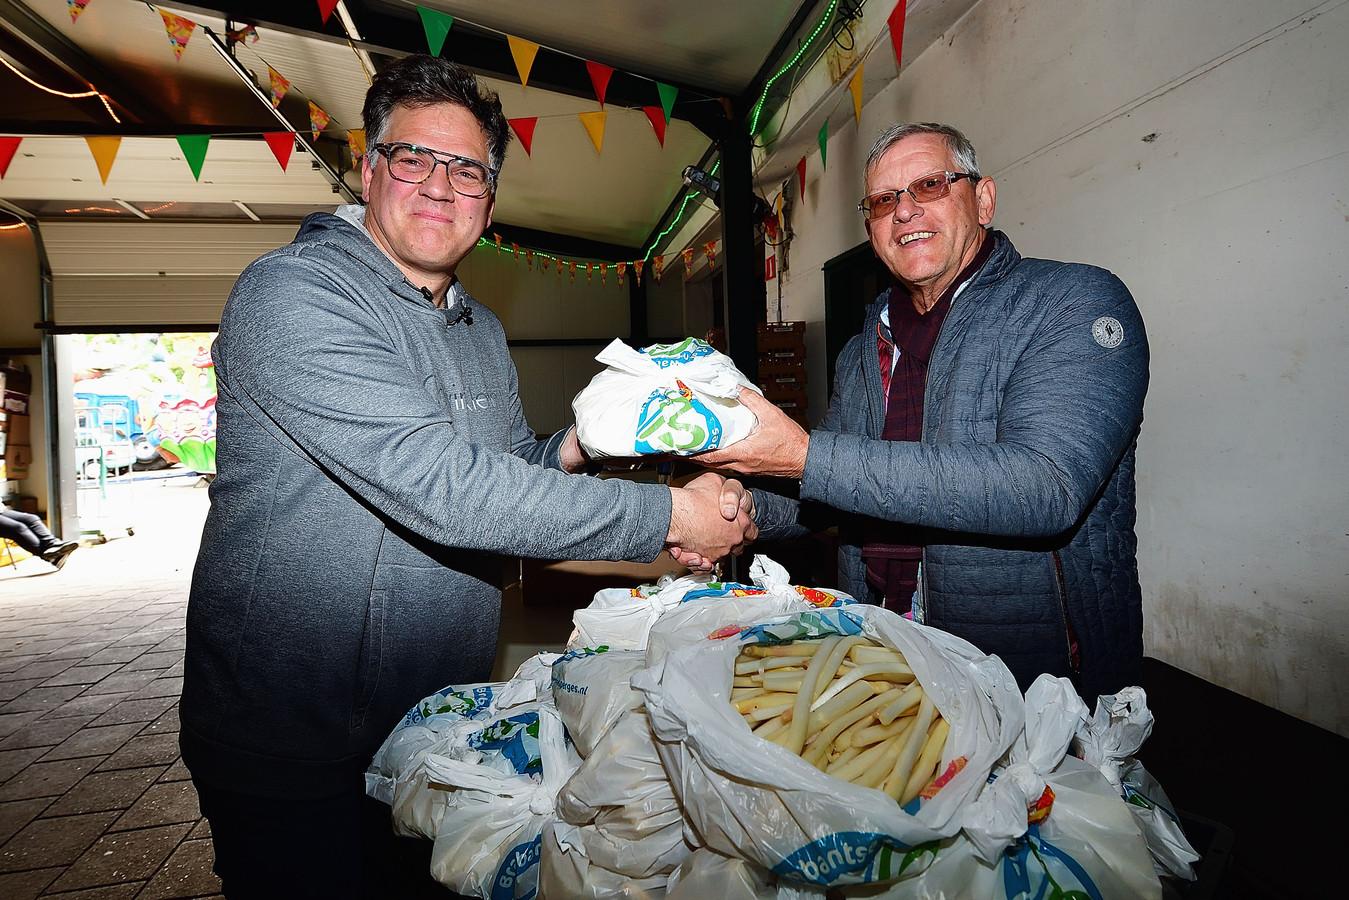 Corné Ooms (links) schenkt met Telersvereniging Brabantse Wal Asperges in totaal bijna 500 kilo geschilde asperges aan zes voedselbanken in West-Brabant. Hier overhandigt hij een lading aan Leo den Heijer van uitgiftepunt Calfven bij Ossendrecht.